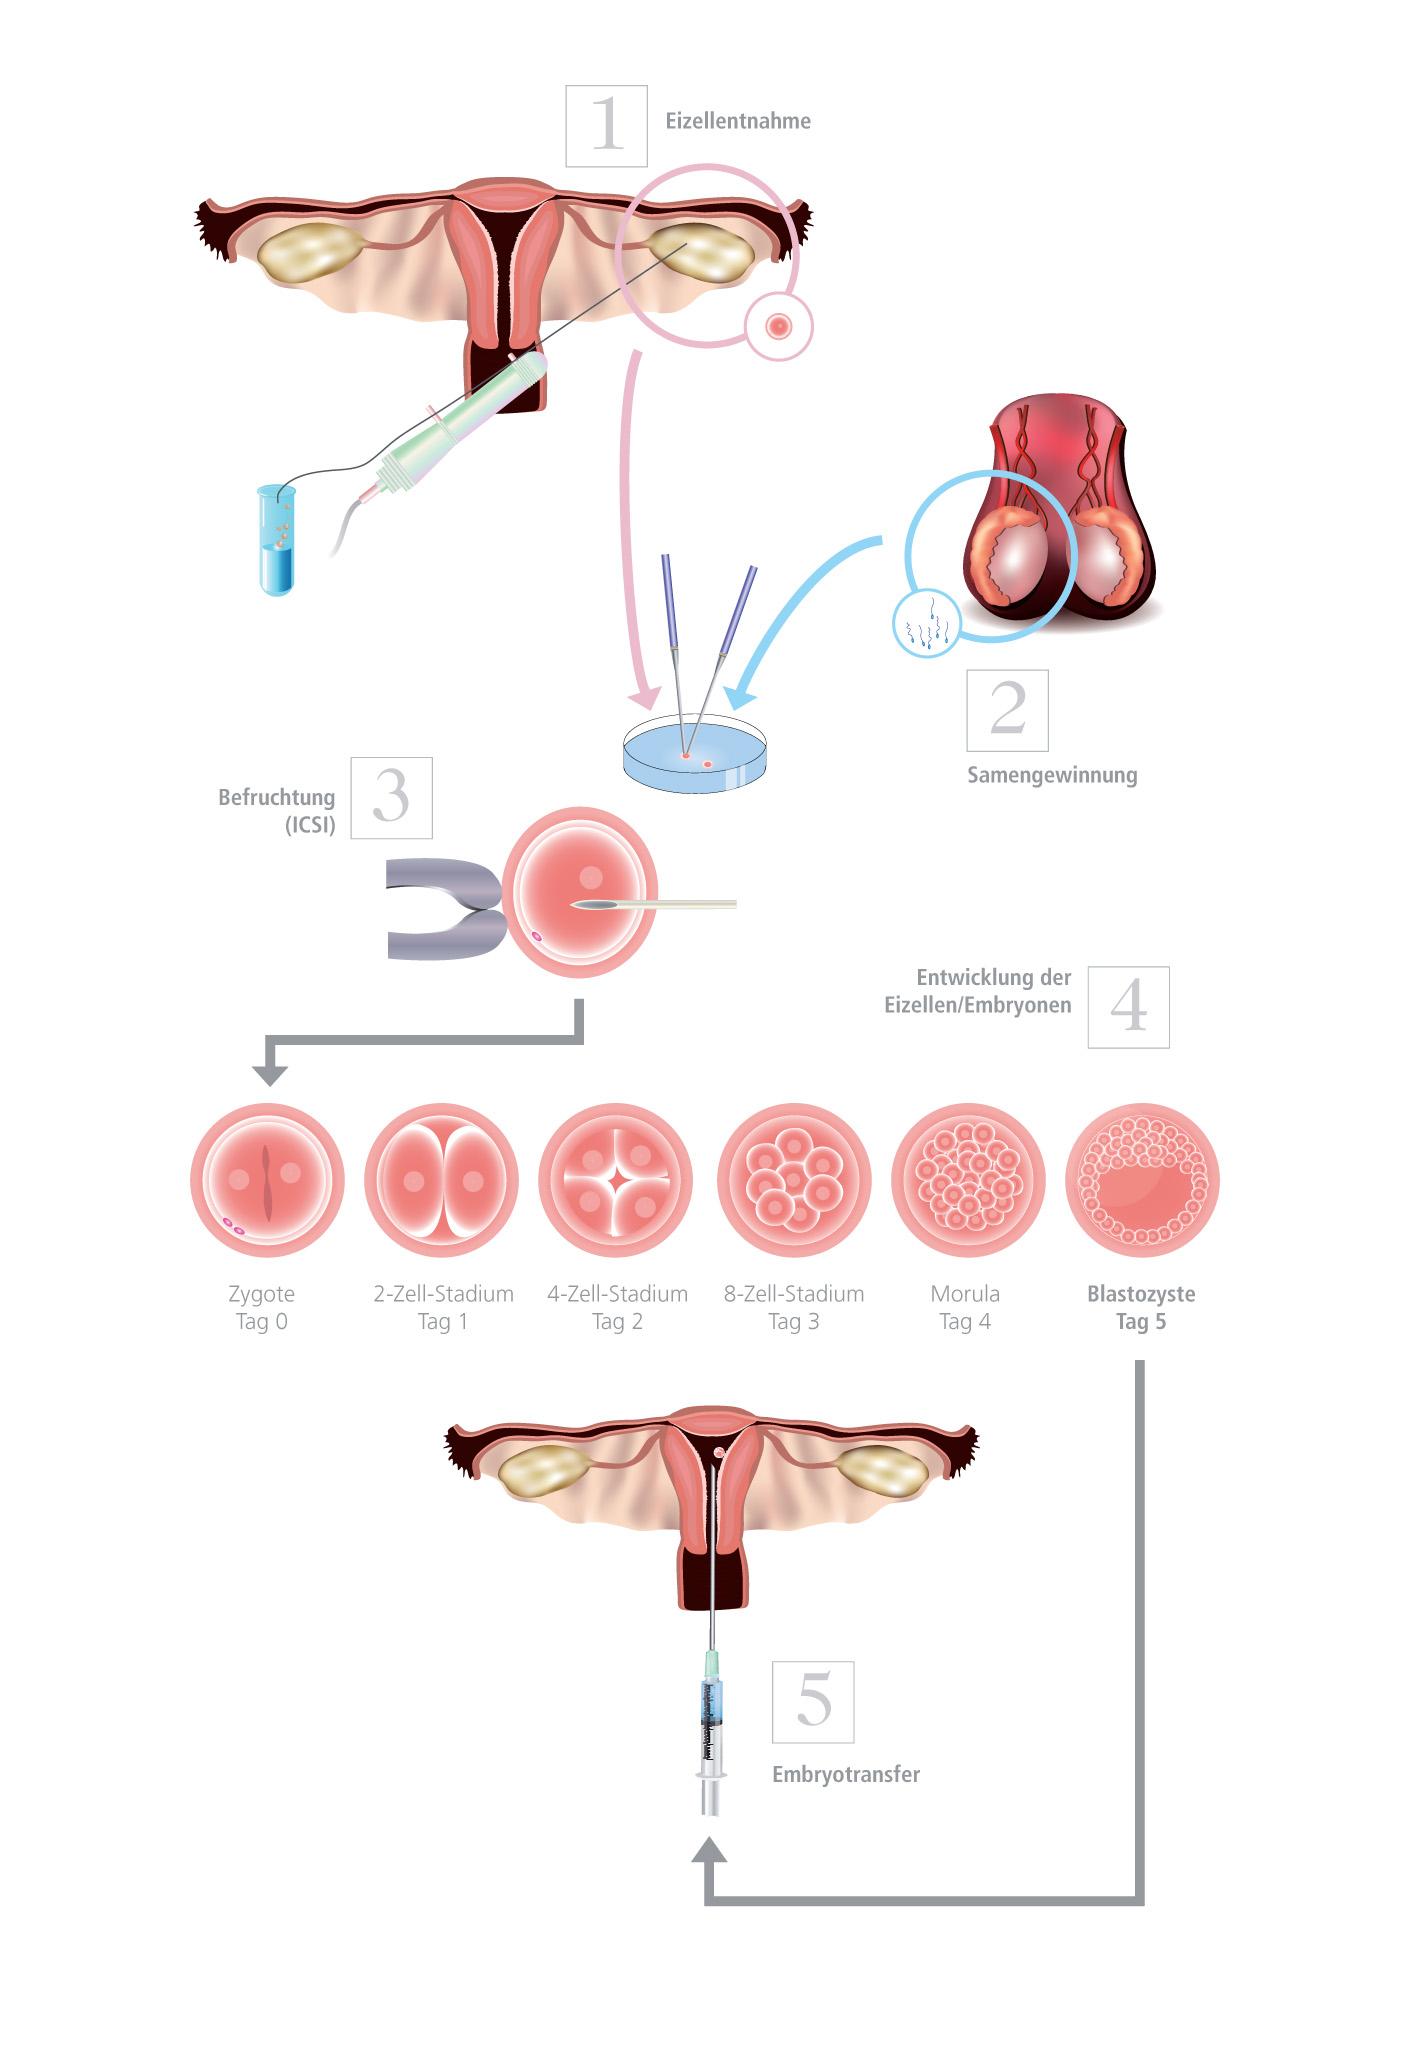 Schematische Darstellung einer Kinderwunschbehandlung mit ICSI und Blastozystenkultur │ © 2019 Shutterstock/IVF Zentren Prof. Zech • Member of NEXTCLINICS